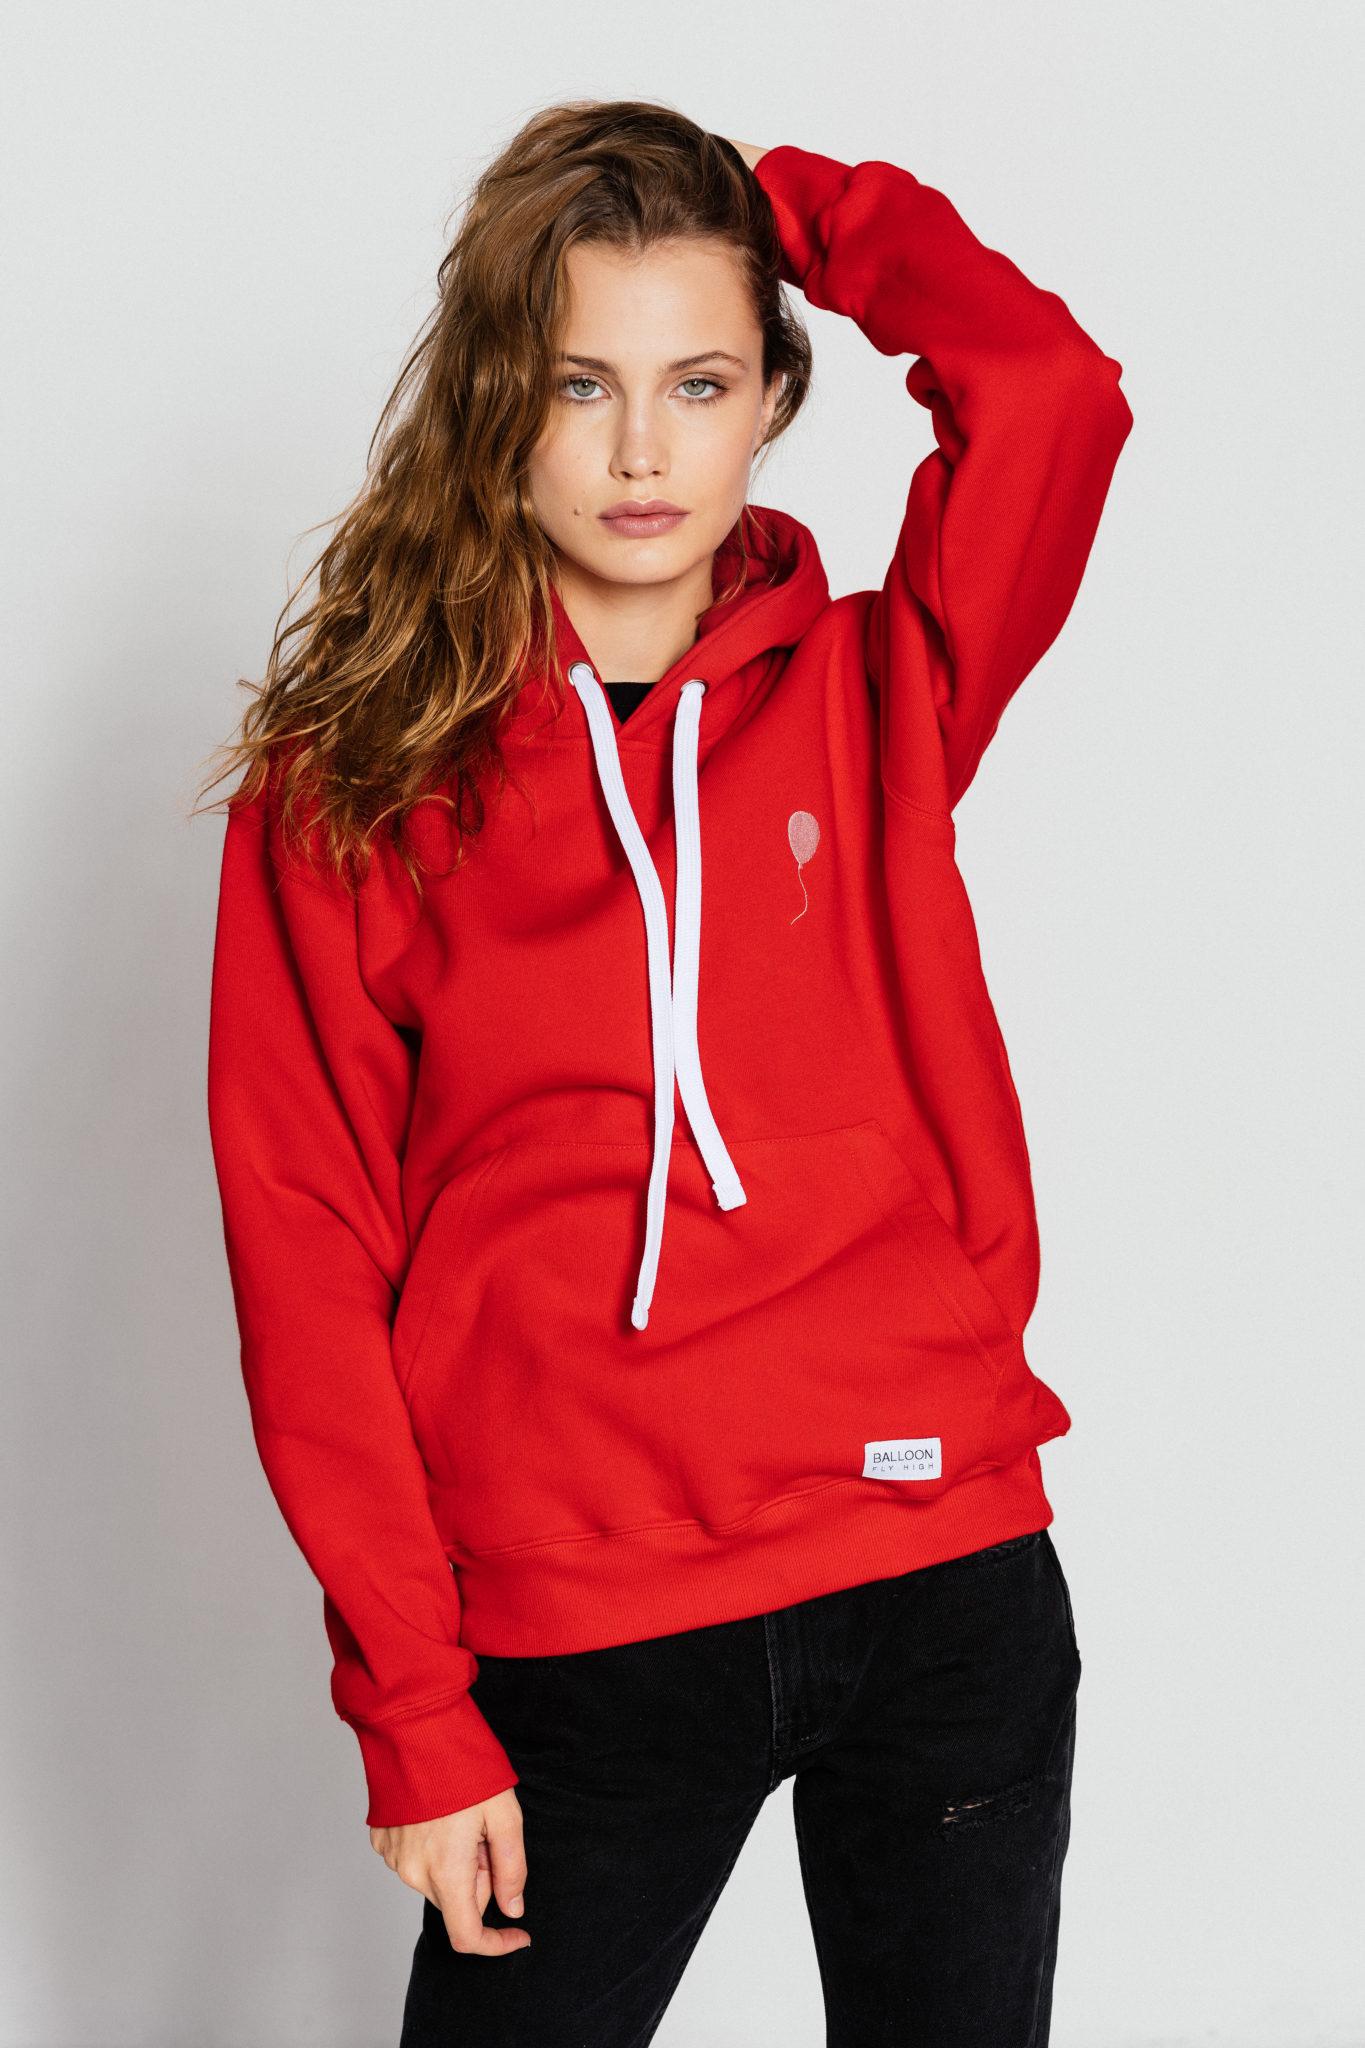 Na tle bialej sciany pozuje dziewczyna w czerwonej sportowej bluzie i czarnych spodniach